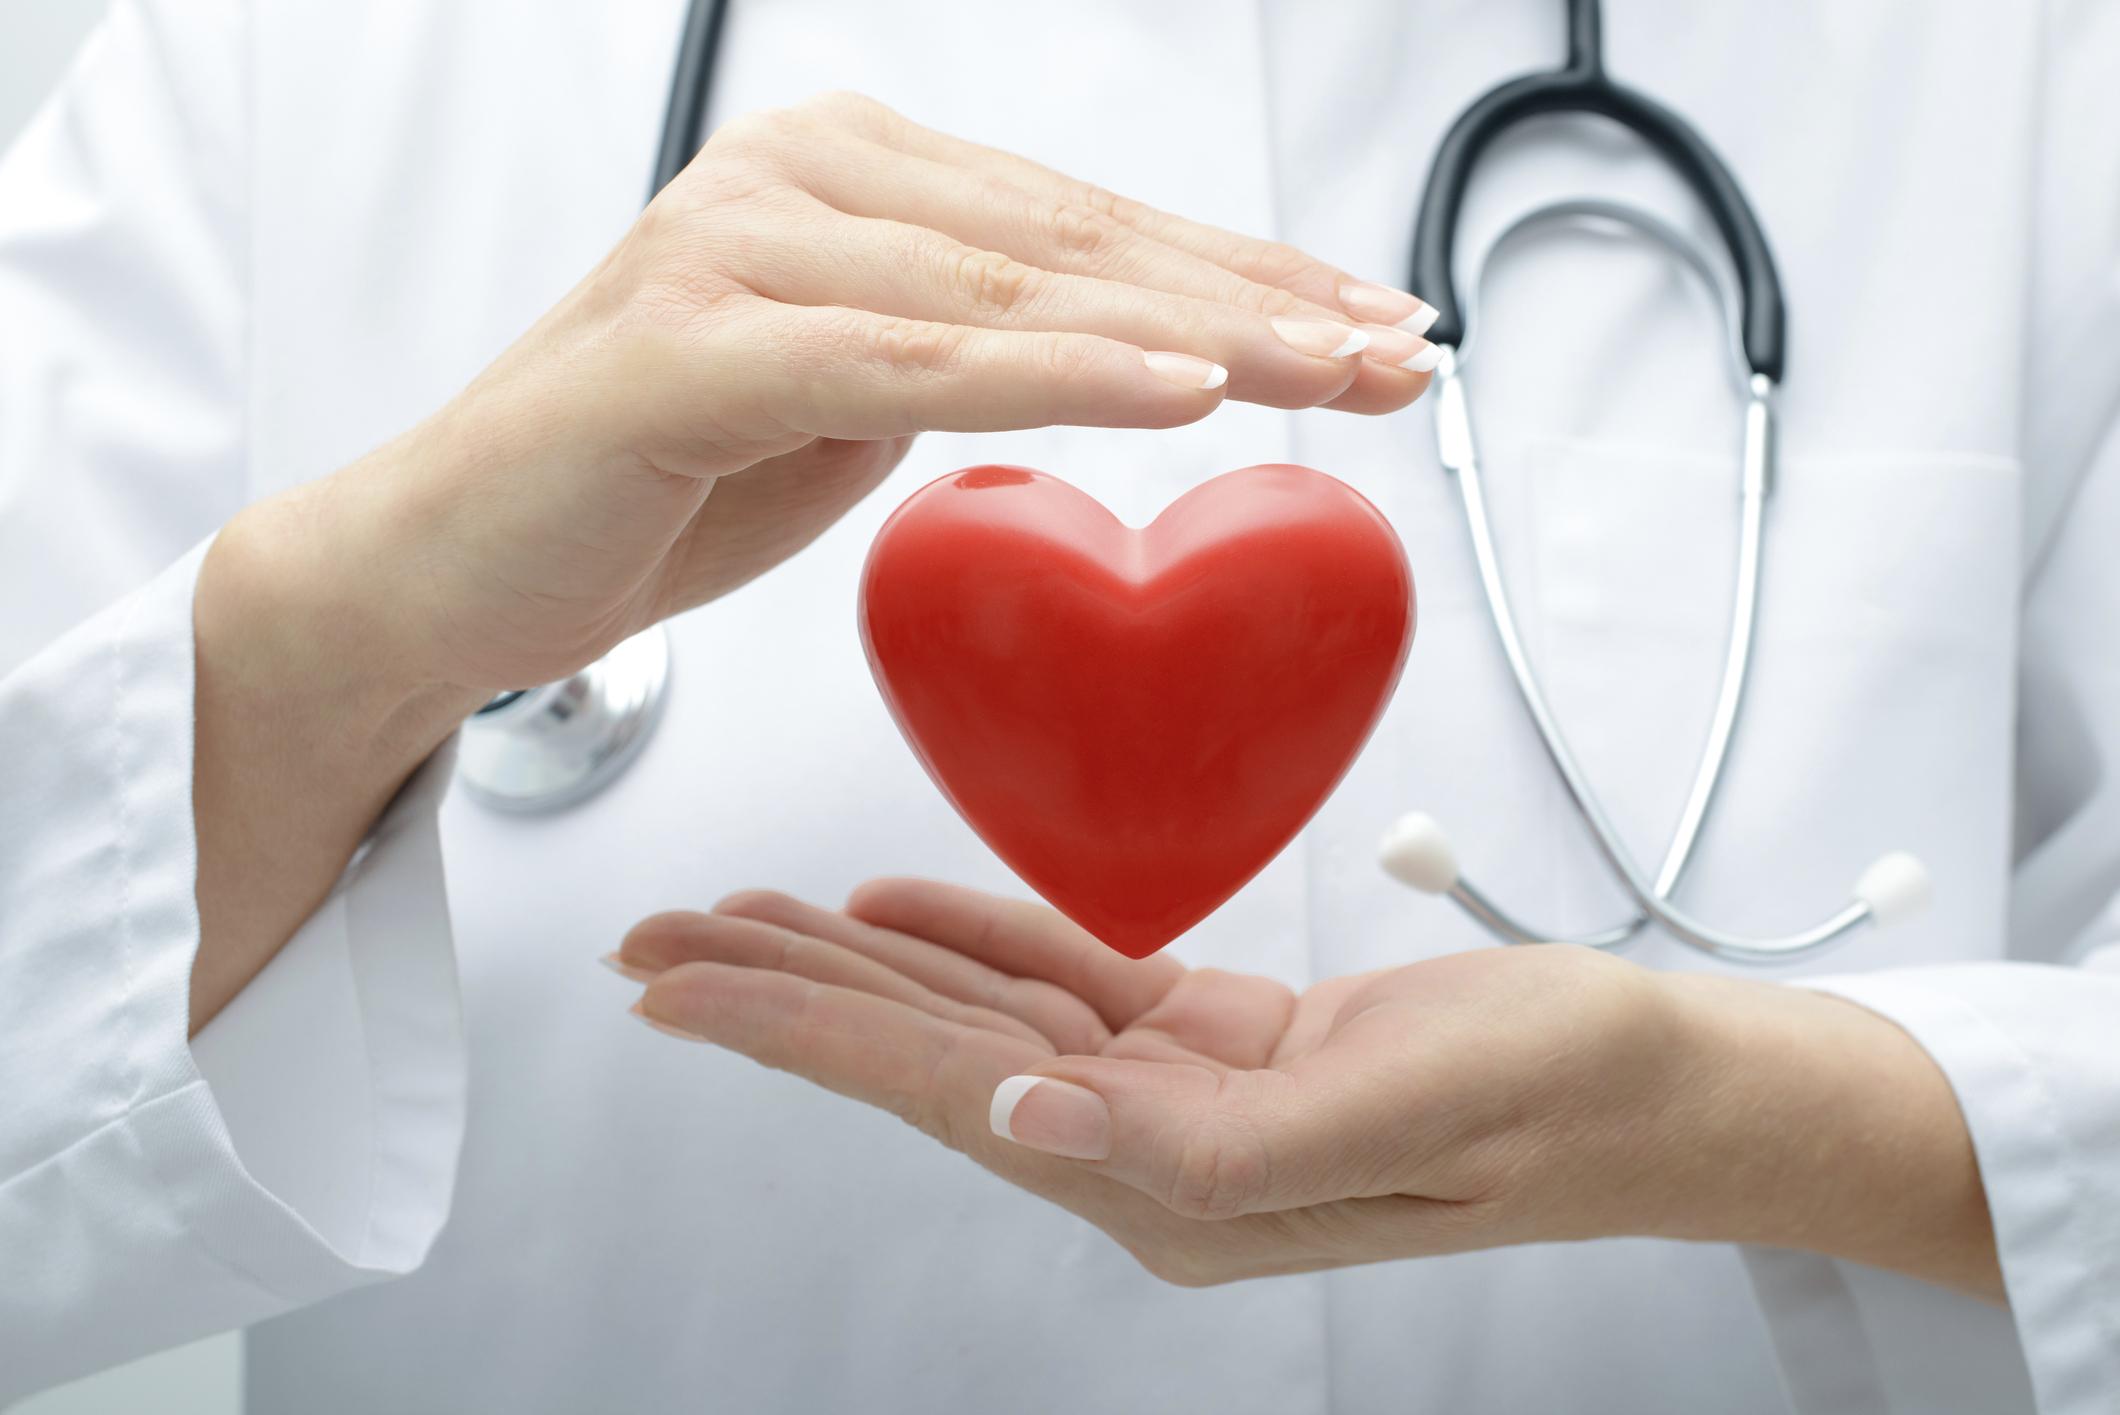 Milenial Jangan Abai dengan Jantung, Yuk Simak Penjelasan Berkut!